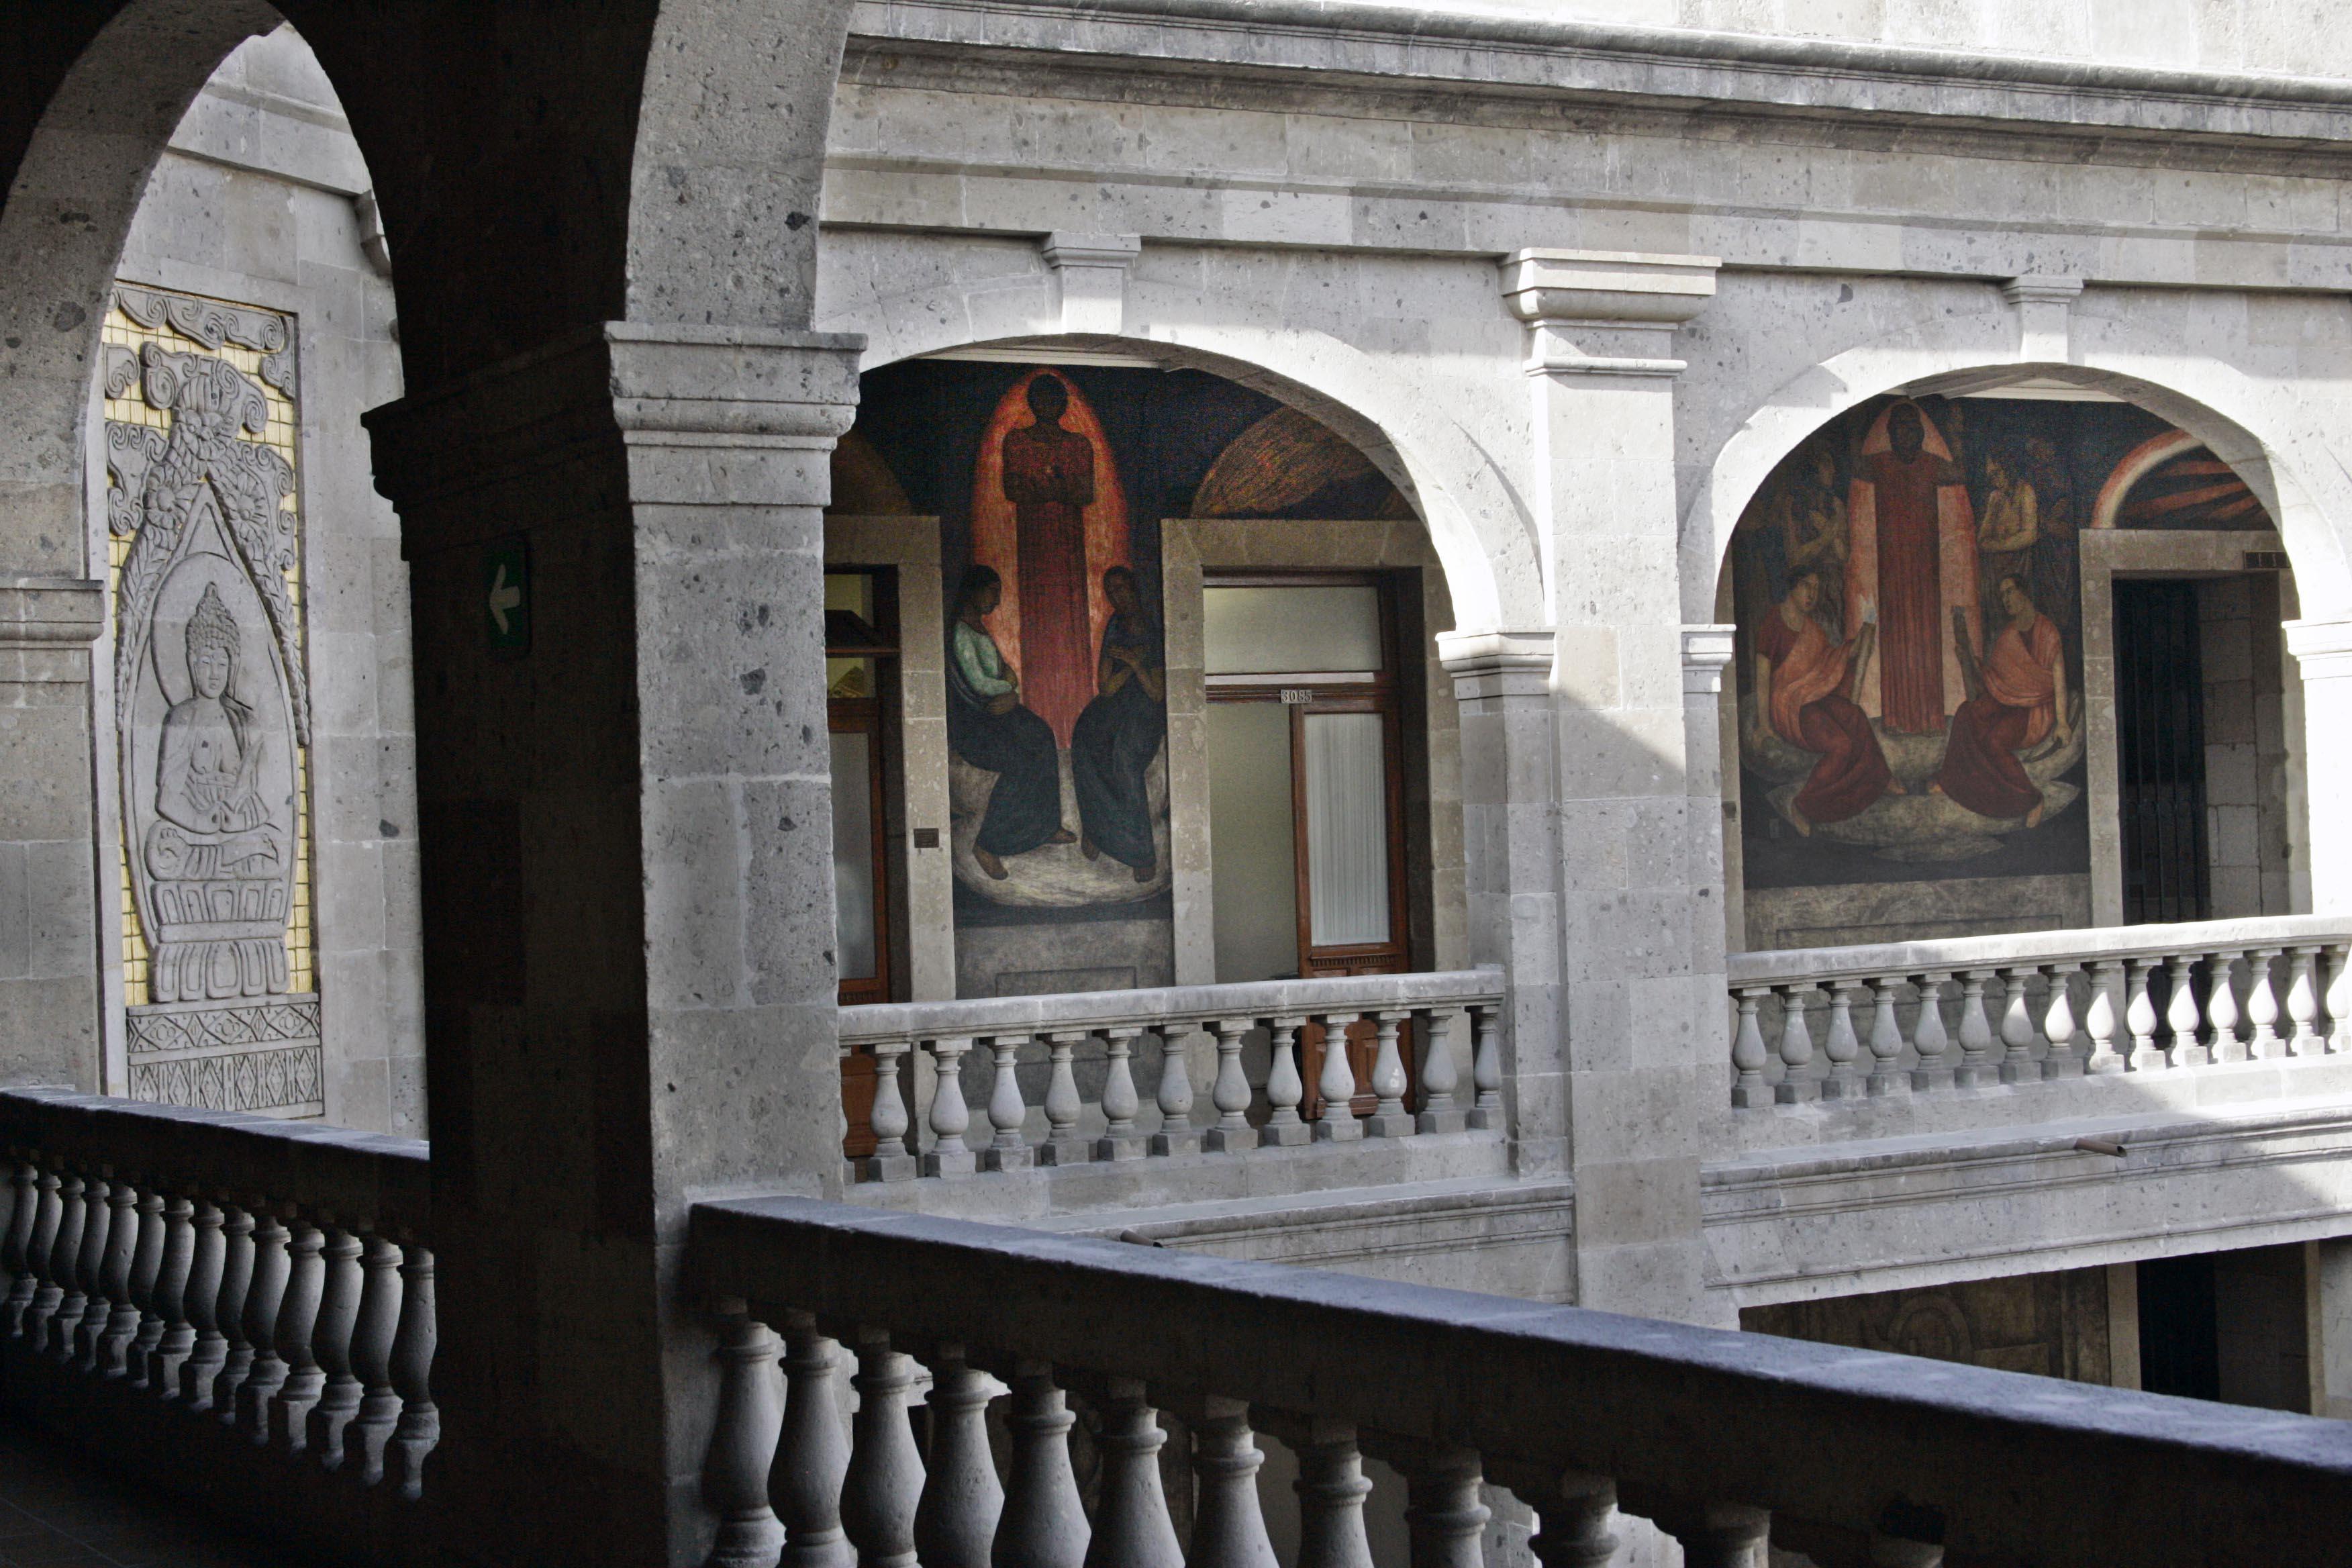 La Secretaría de Educación Pública anunció que el Gobierno del Presidente Enrique Peña Nieto destinará 2 mil 500 millones de pesos para educación en el estado de Michoacán